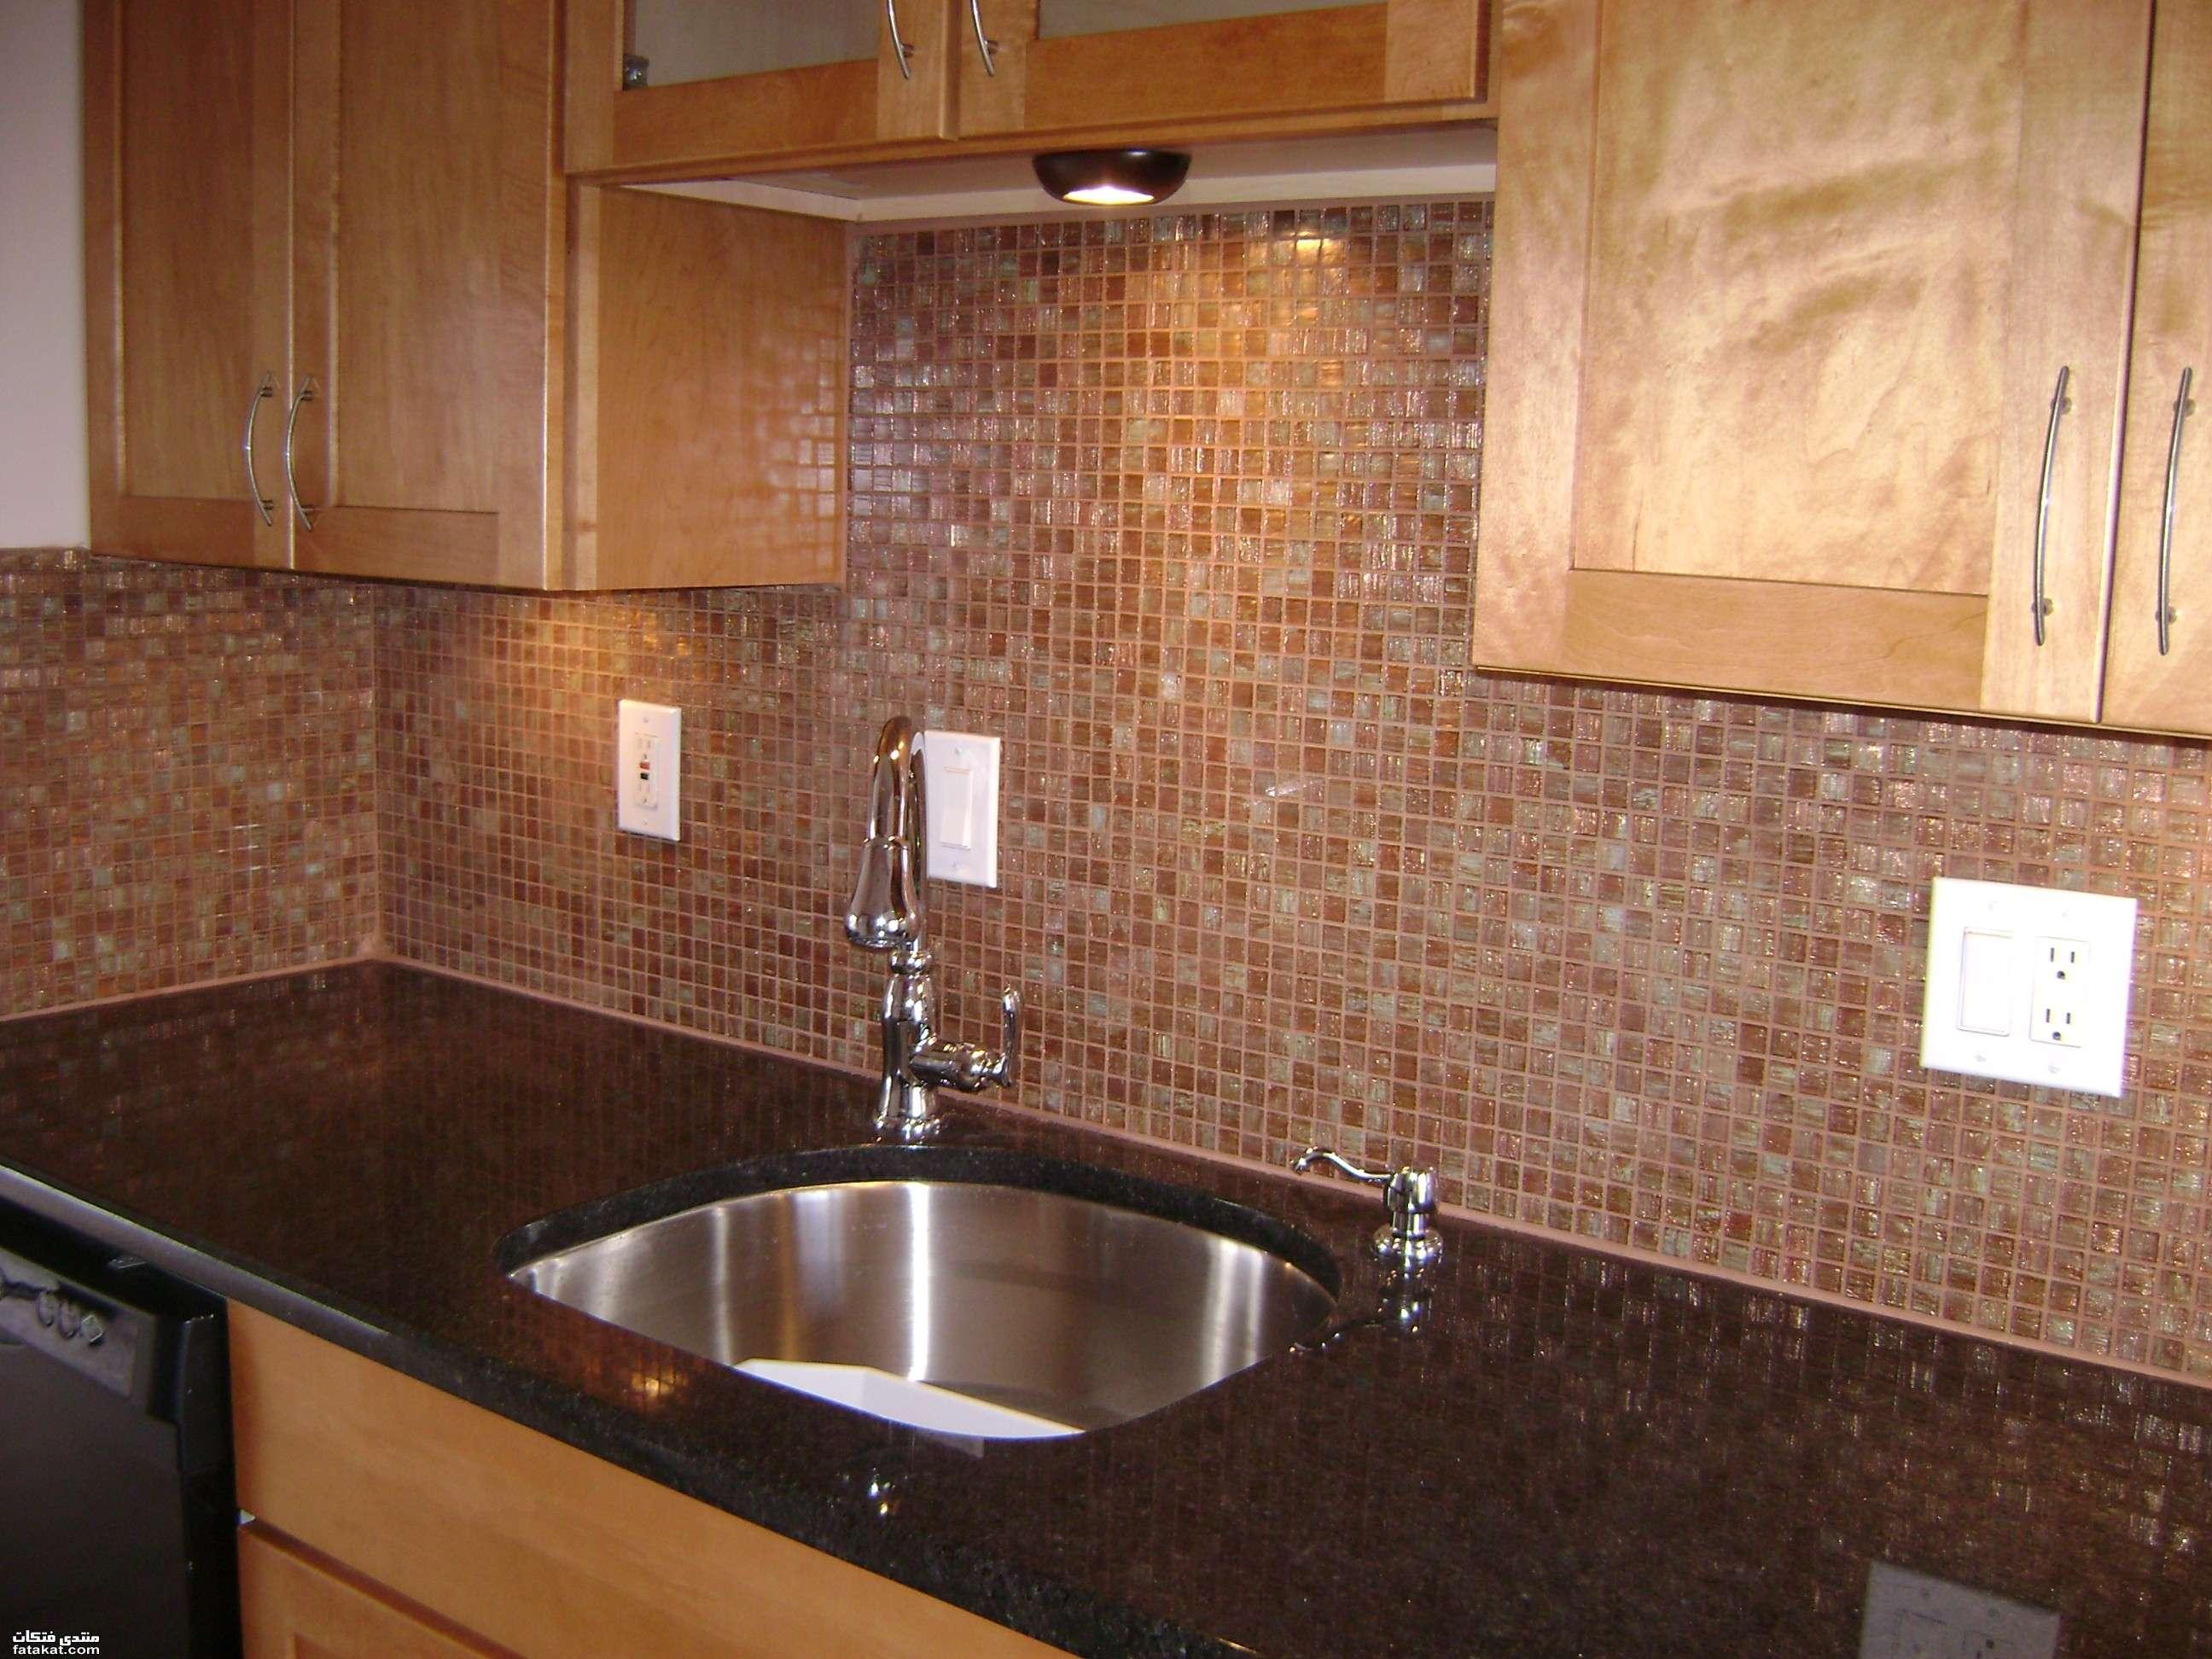 بالصور سيراميك مطابخ , صور لاحدث السيراميك لمطبخك 1069 5